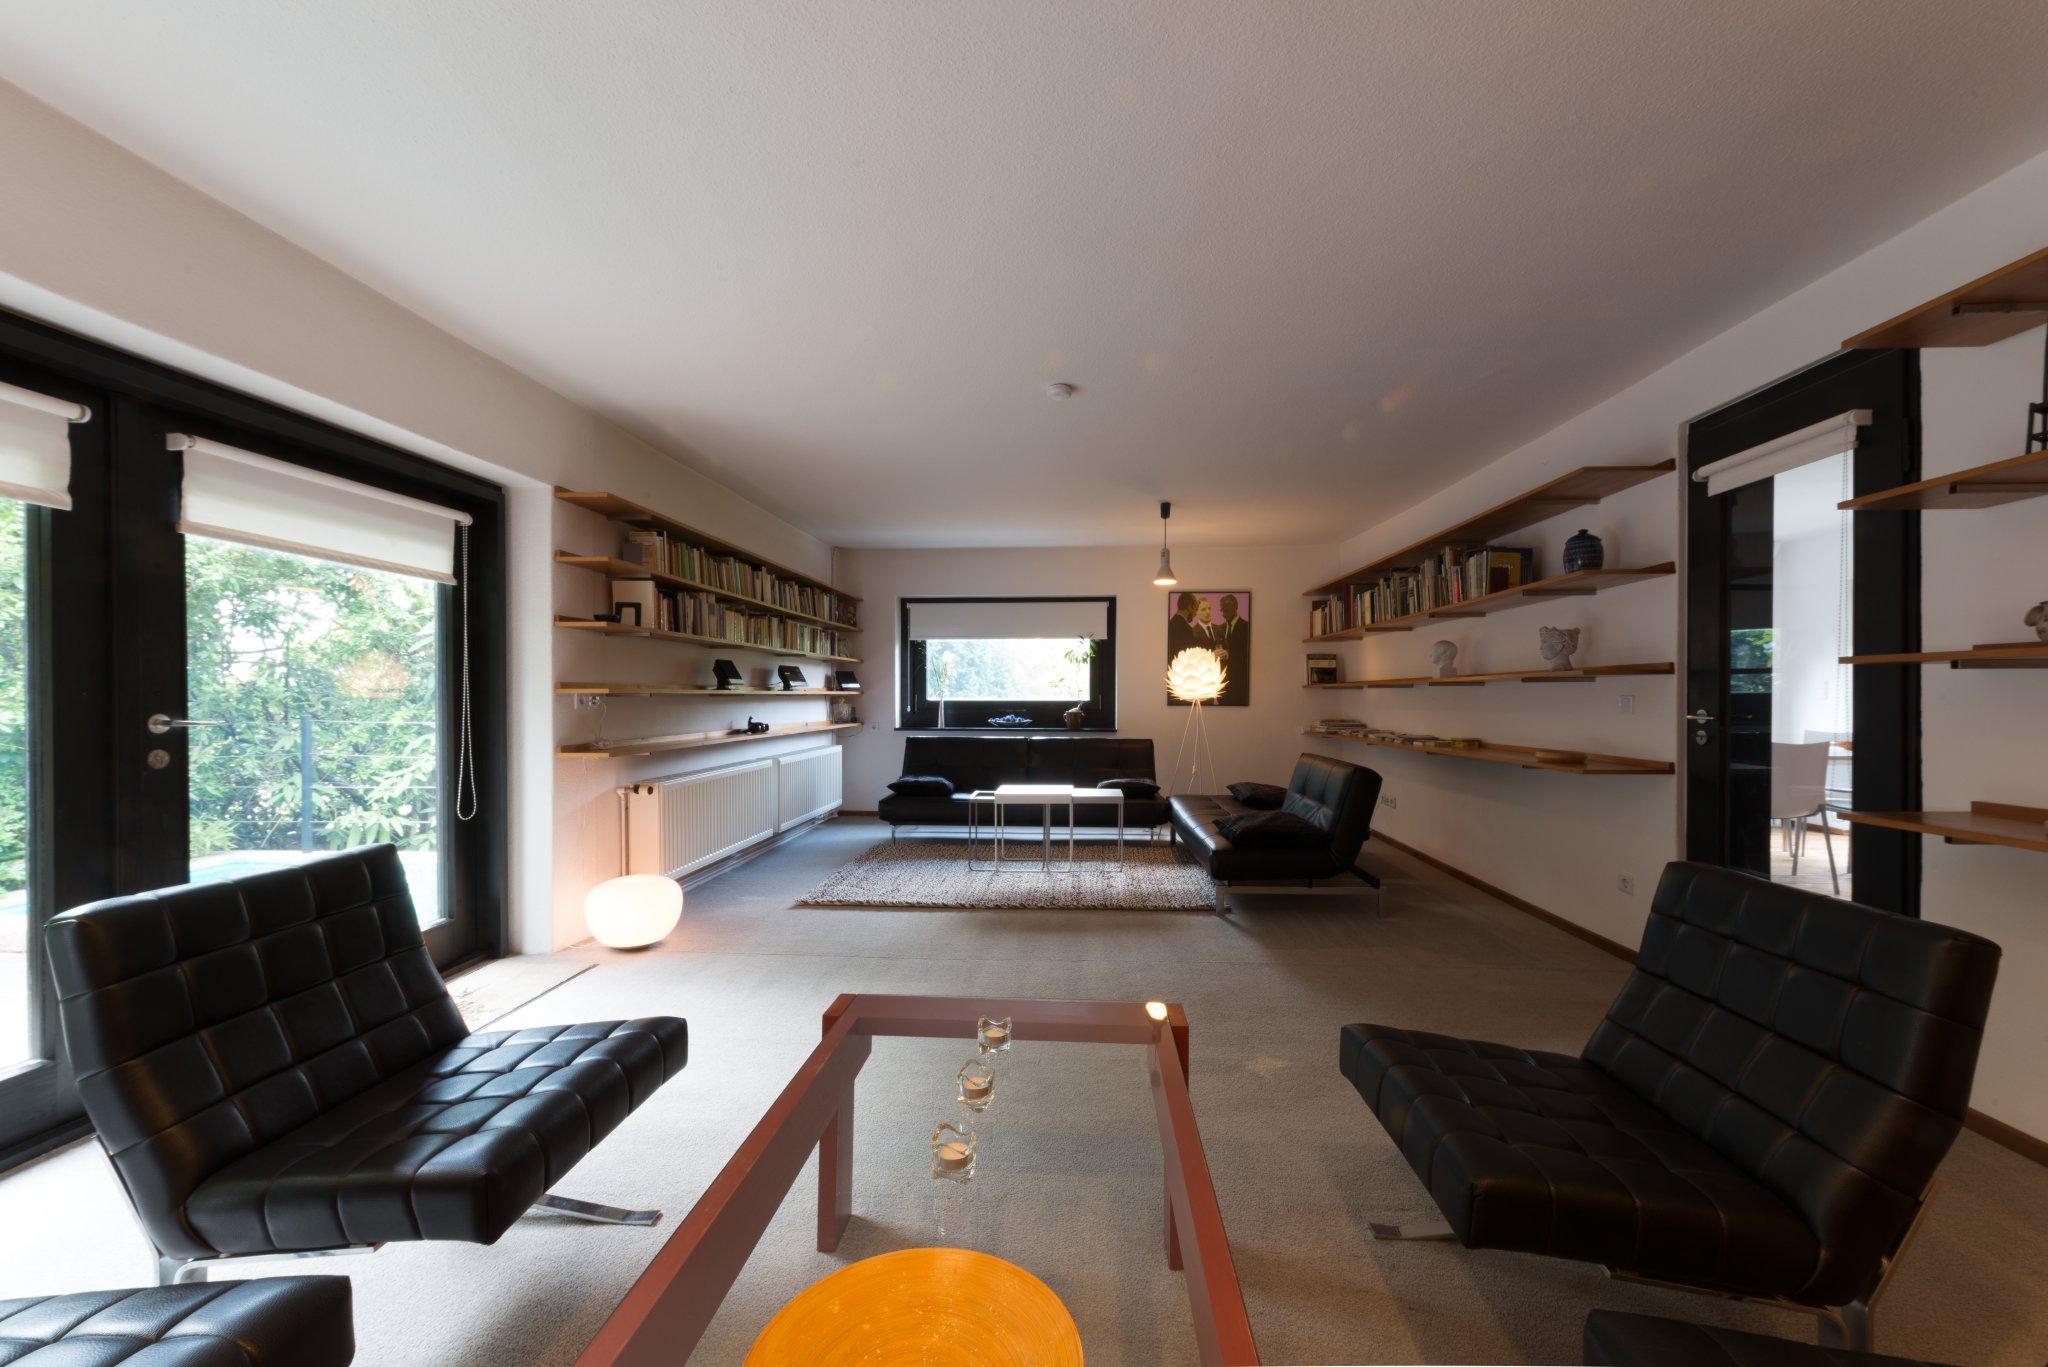 Sitzgruppe im großen Wohnraum